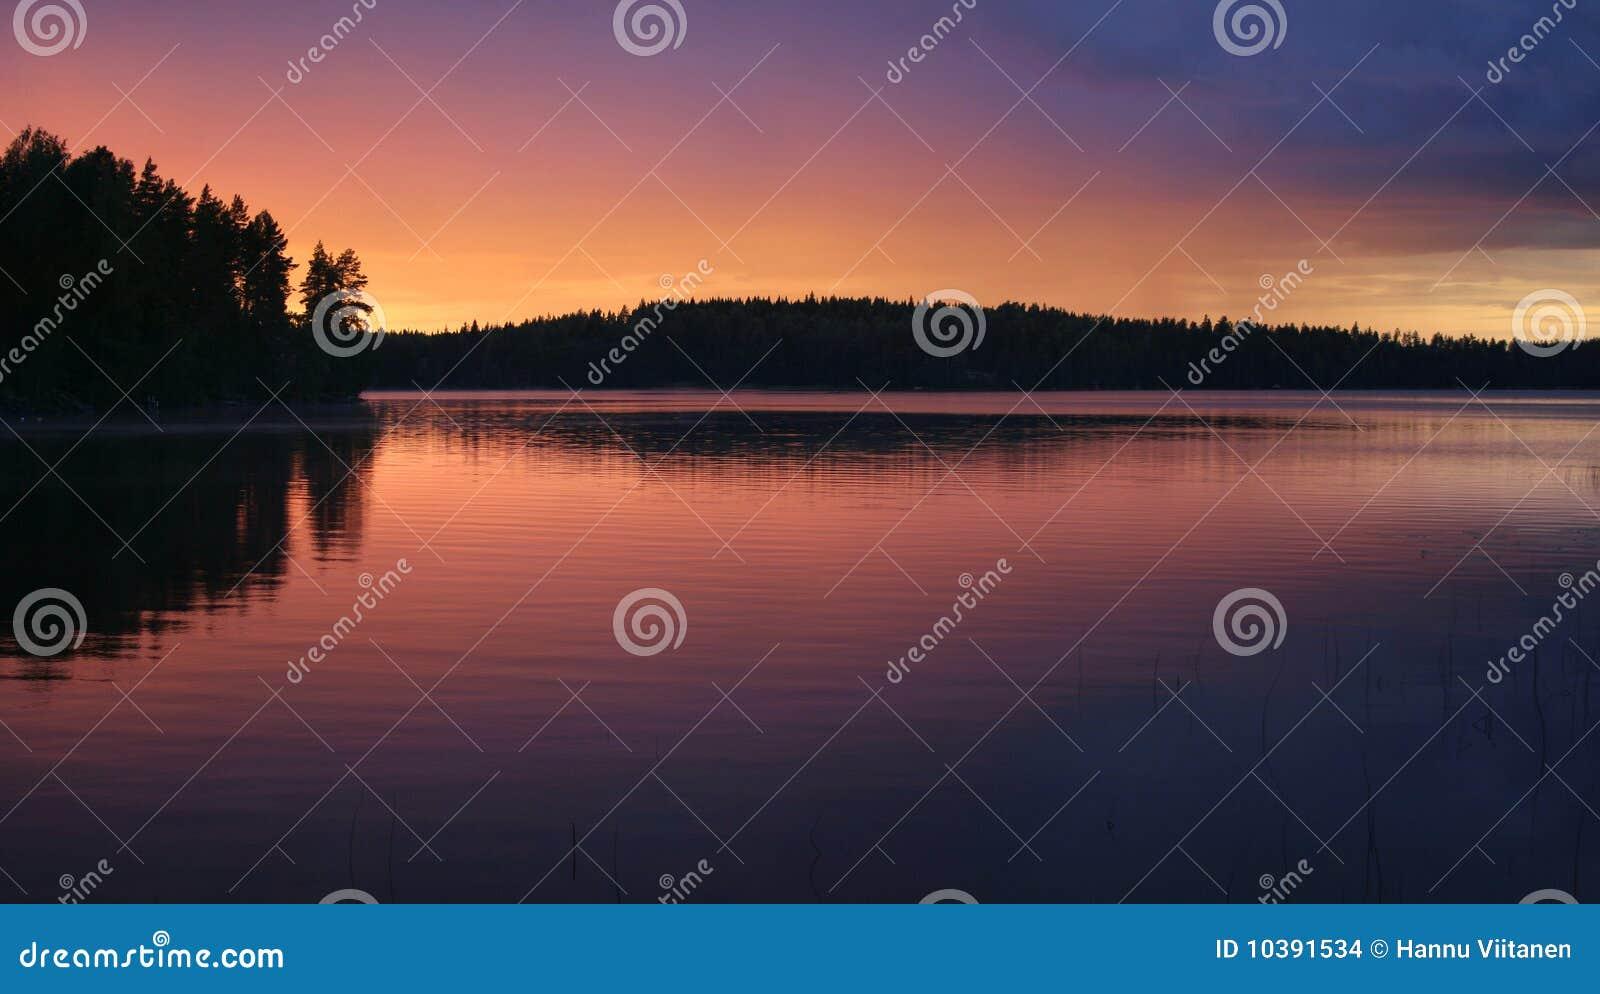 Midnight sun lake